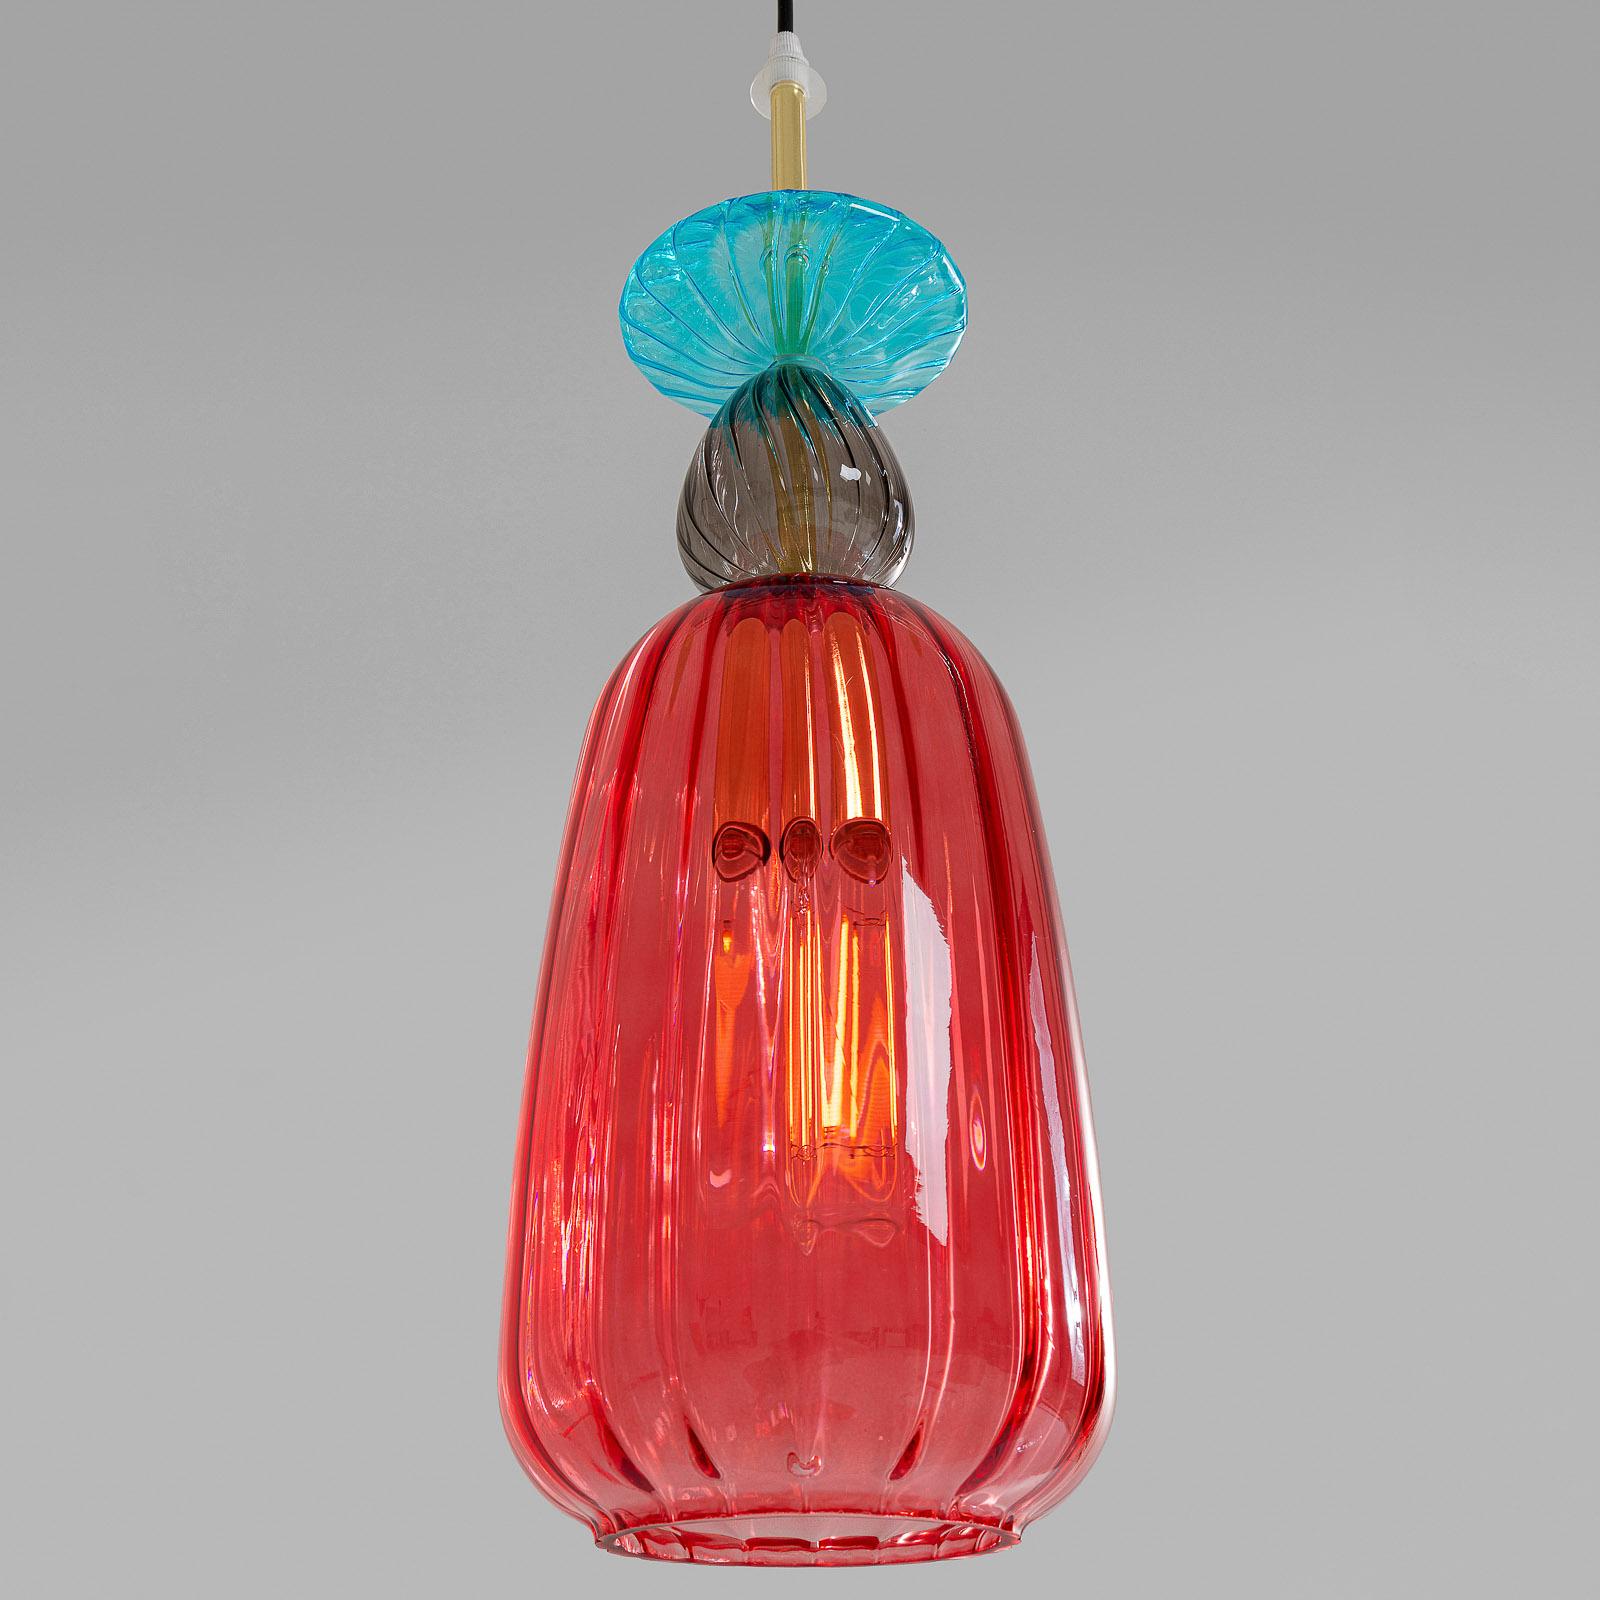 KARE Goblet Colore lampa wisząca ze szkła czerwona